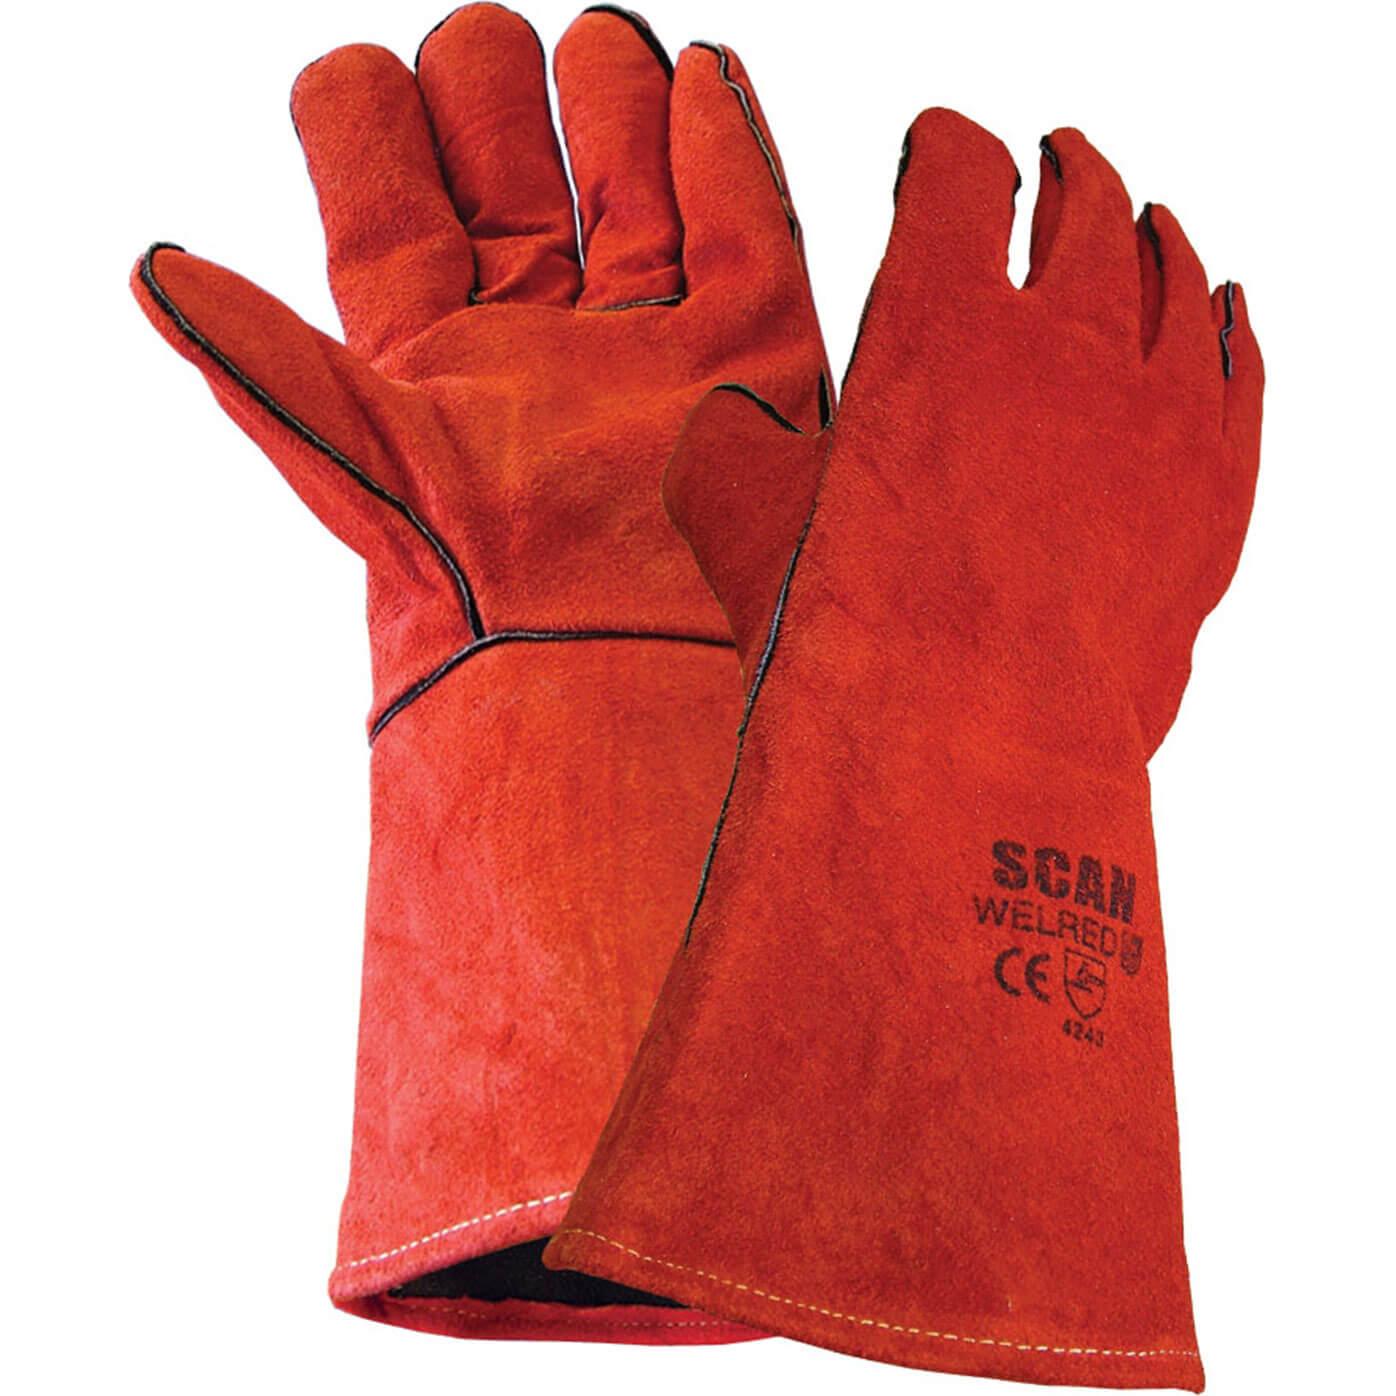 Image of Scan Welders Gauntlet Gloves XL